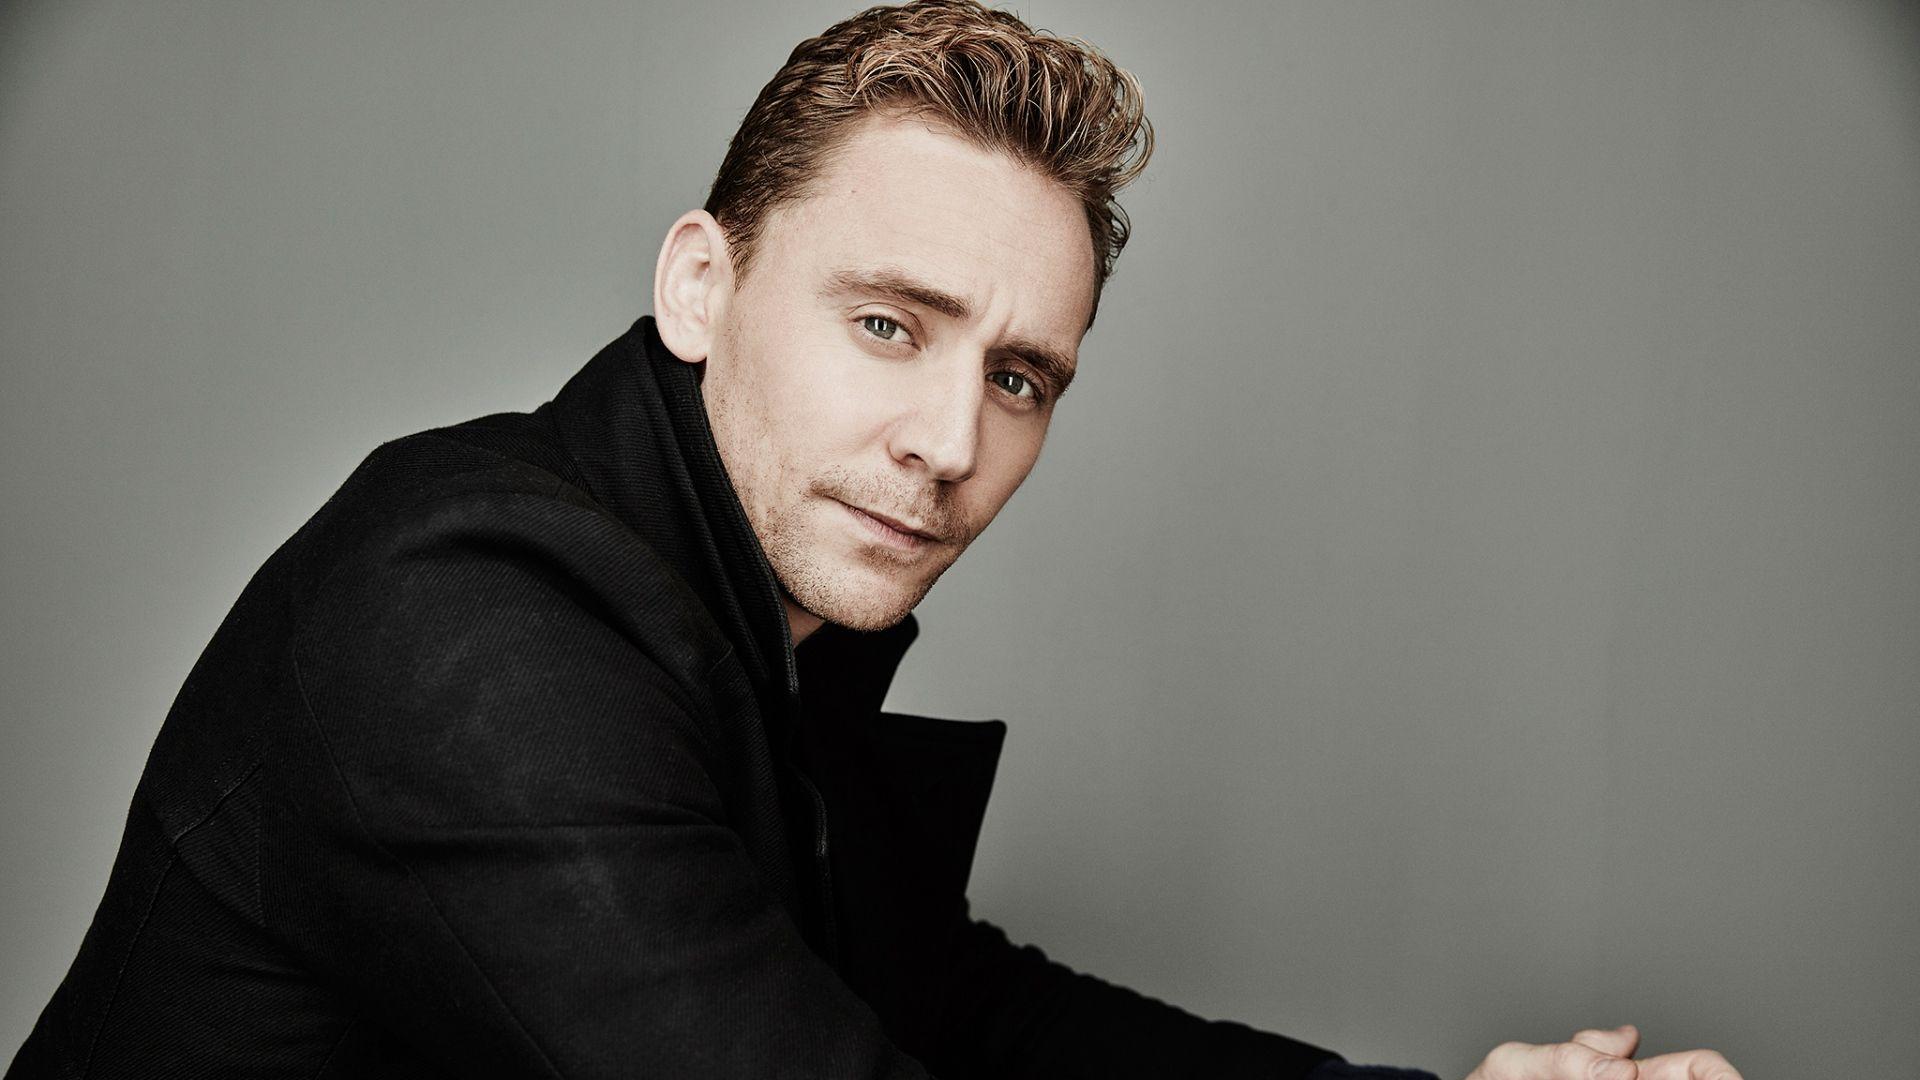 El famoso actor, Tom Hiddleston ha revolucionando la red social Twitter con una escena del último capítulo de la serie 'El Infiltrado' Tom Hiddleston incen